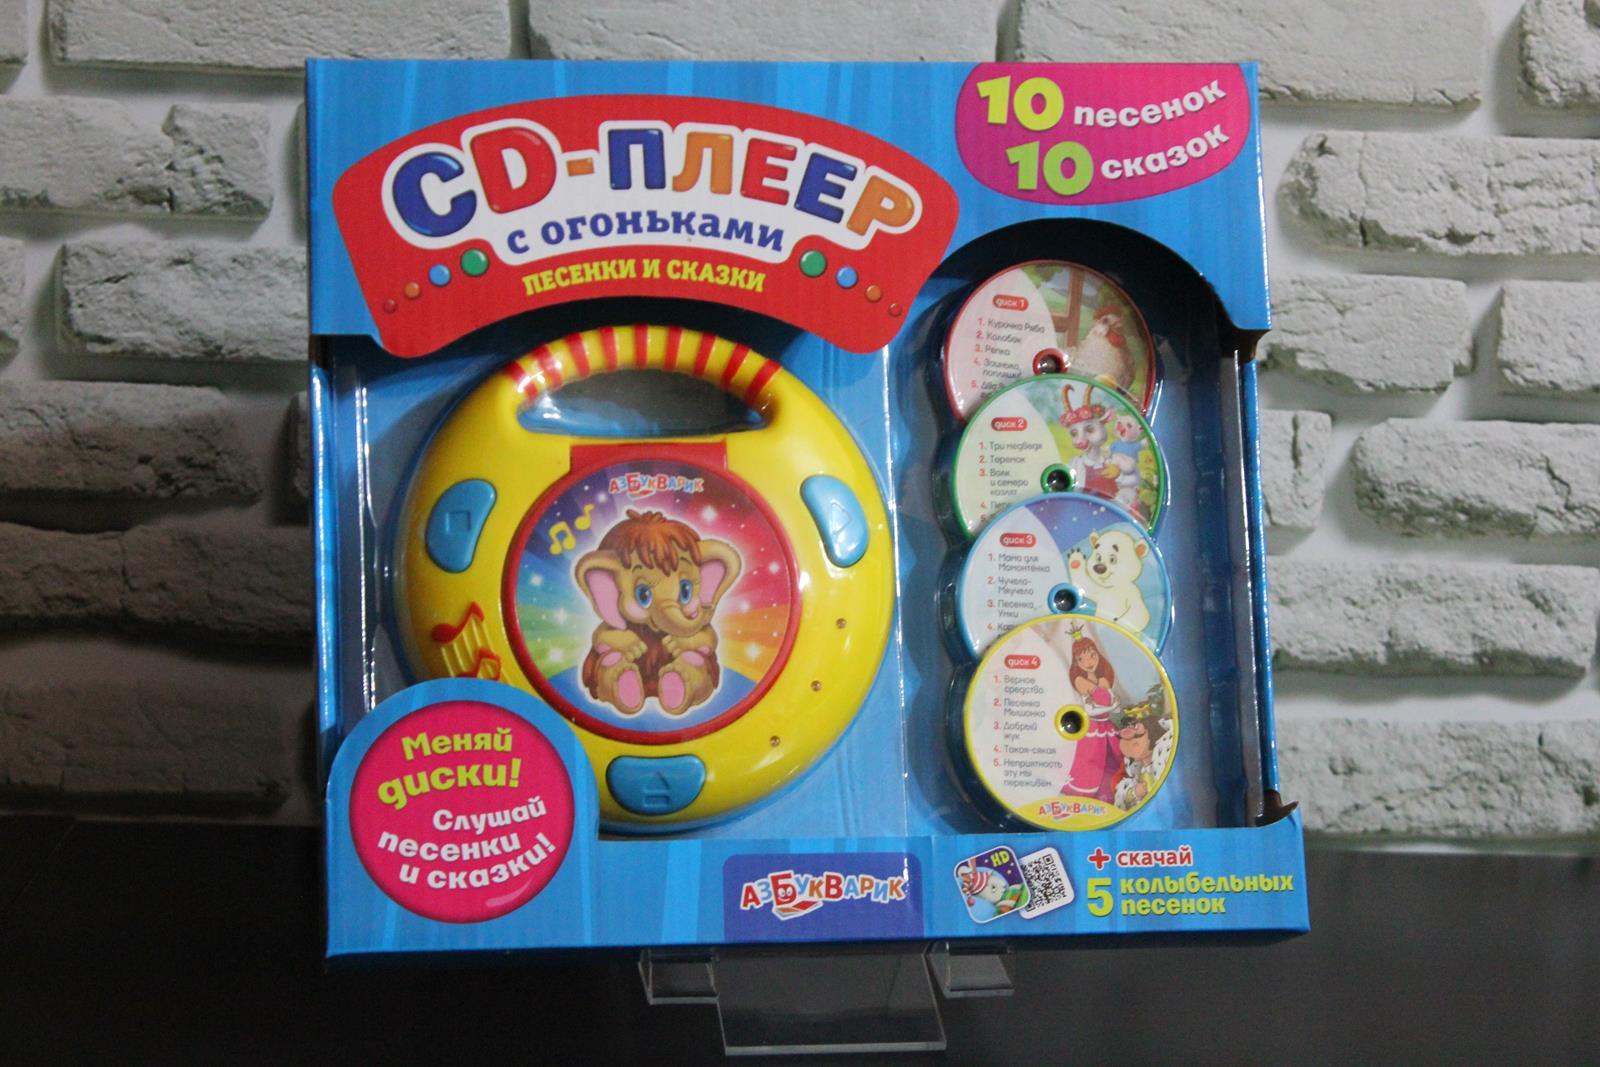 CD - плеер с огоньками Песенки и сказки